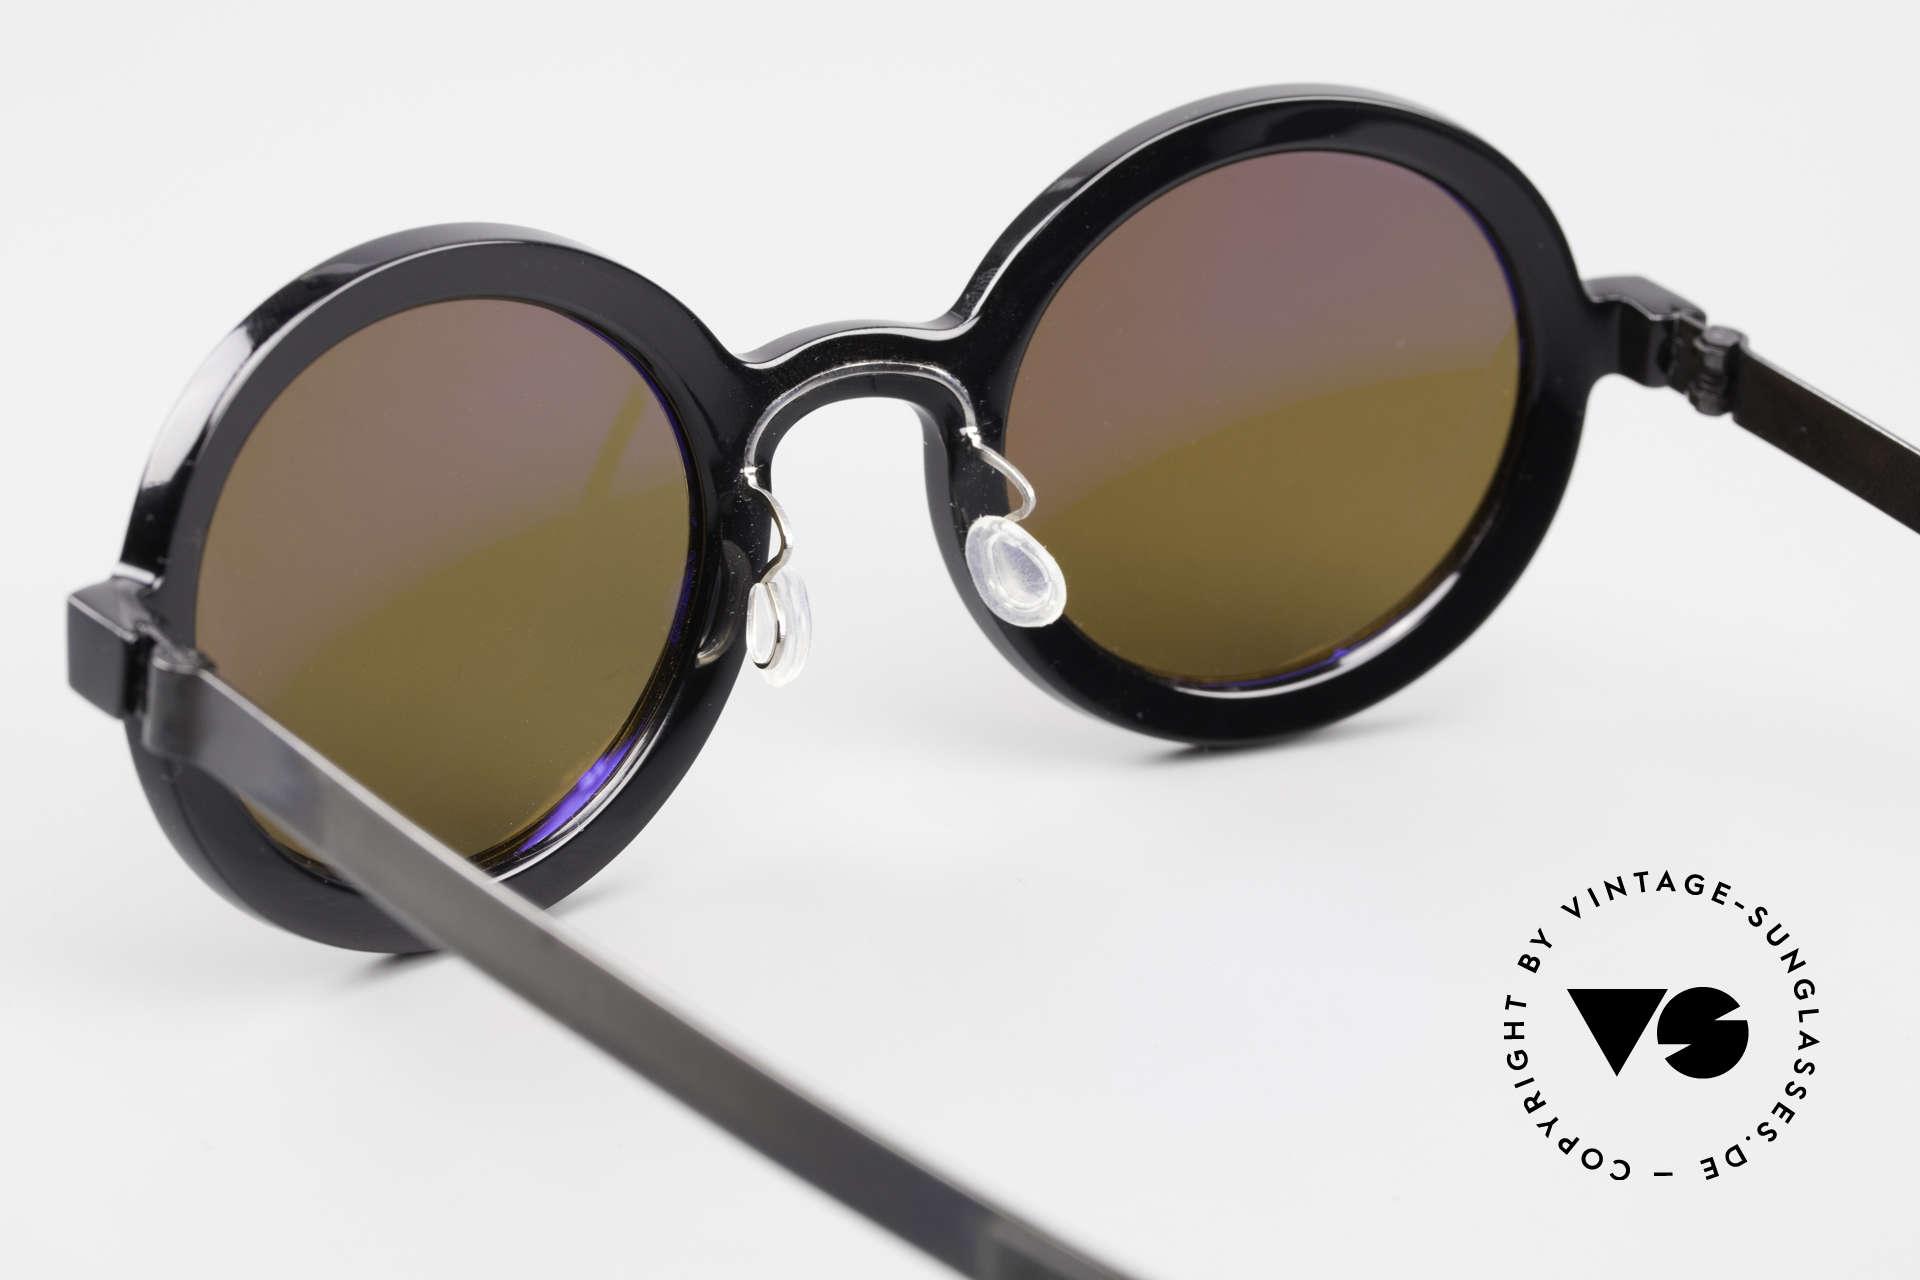 Lindberg 8570 Acetanium Runde Sonnenbrille Unisex Oval, mit entspiegelten Sonnengläsern (100% UV Protection), Passend für Herren und Damen